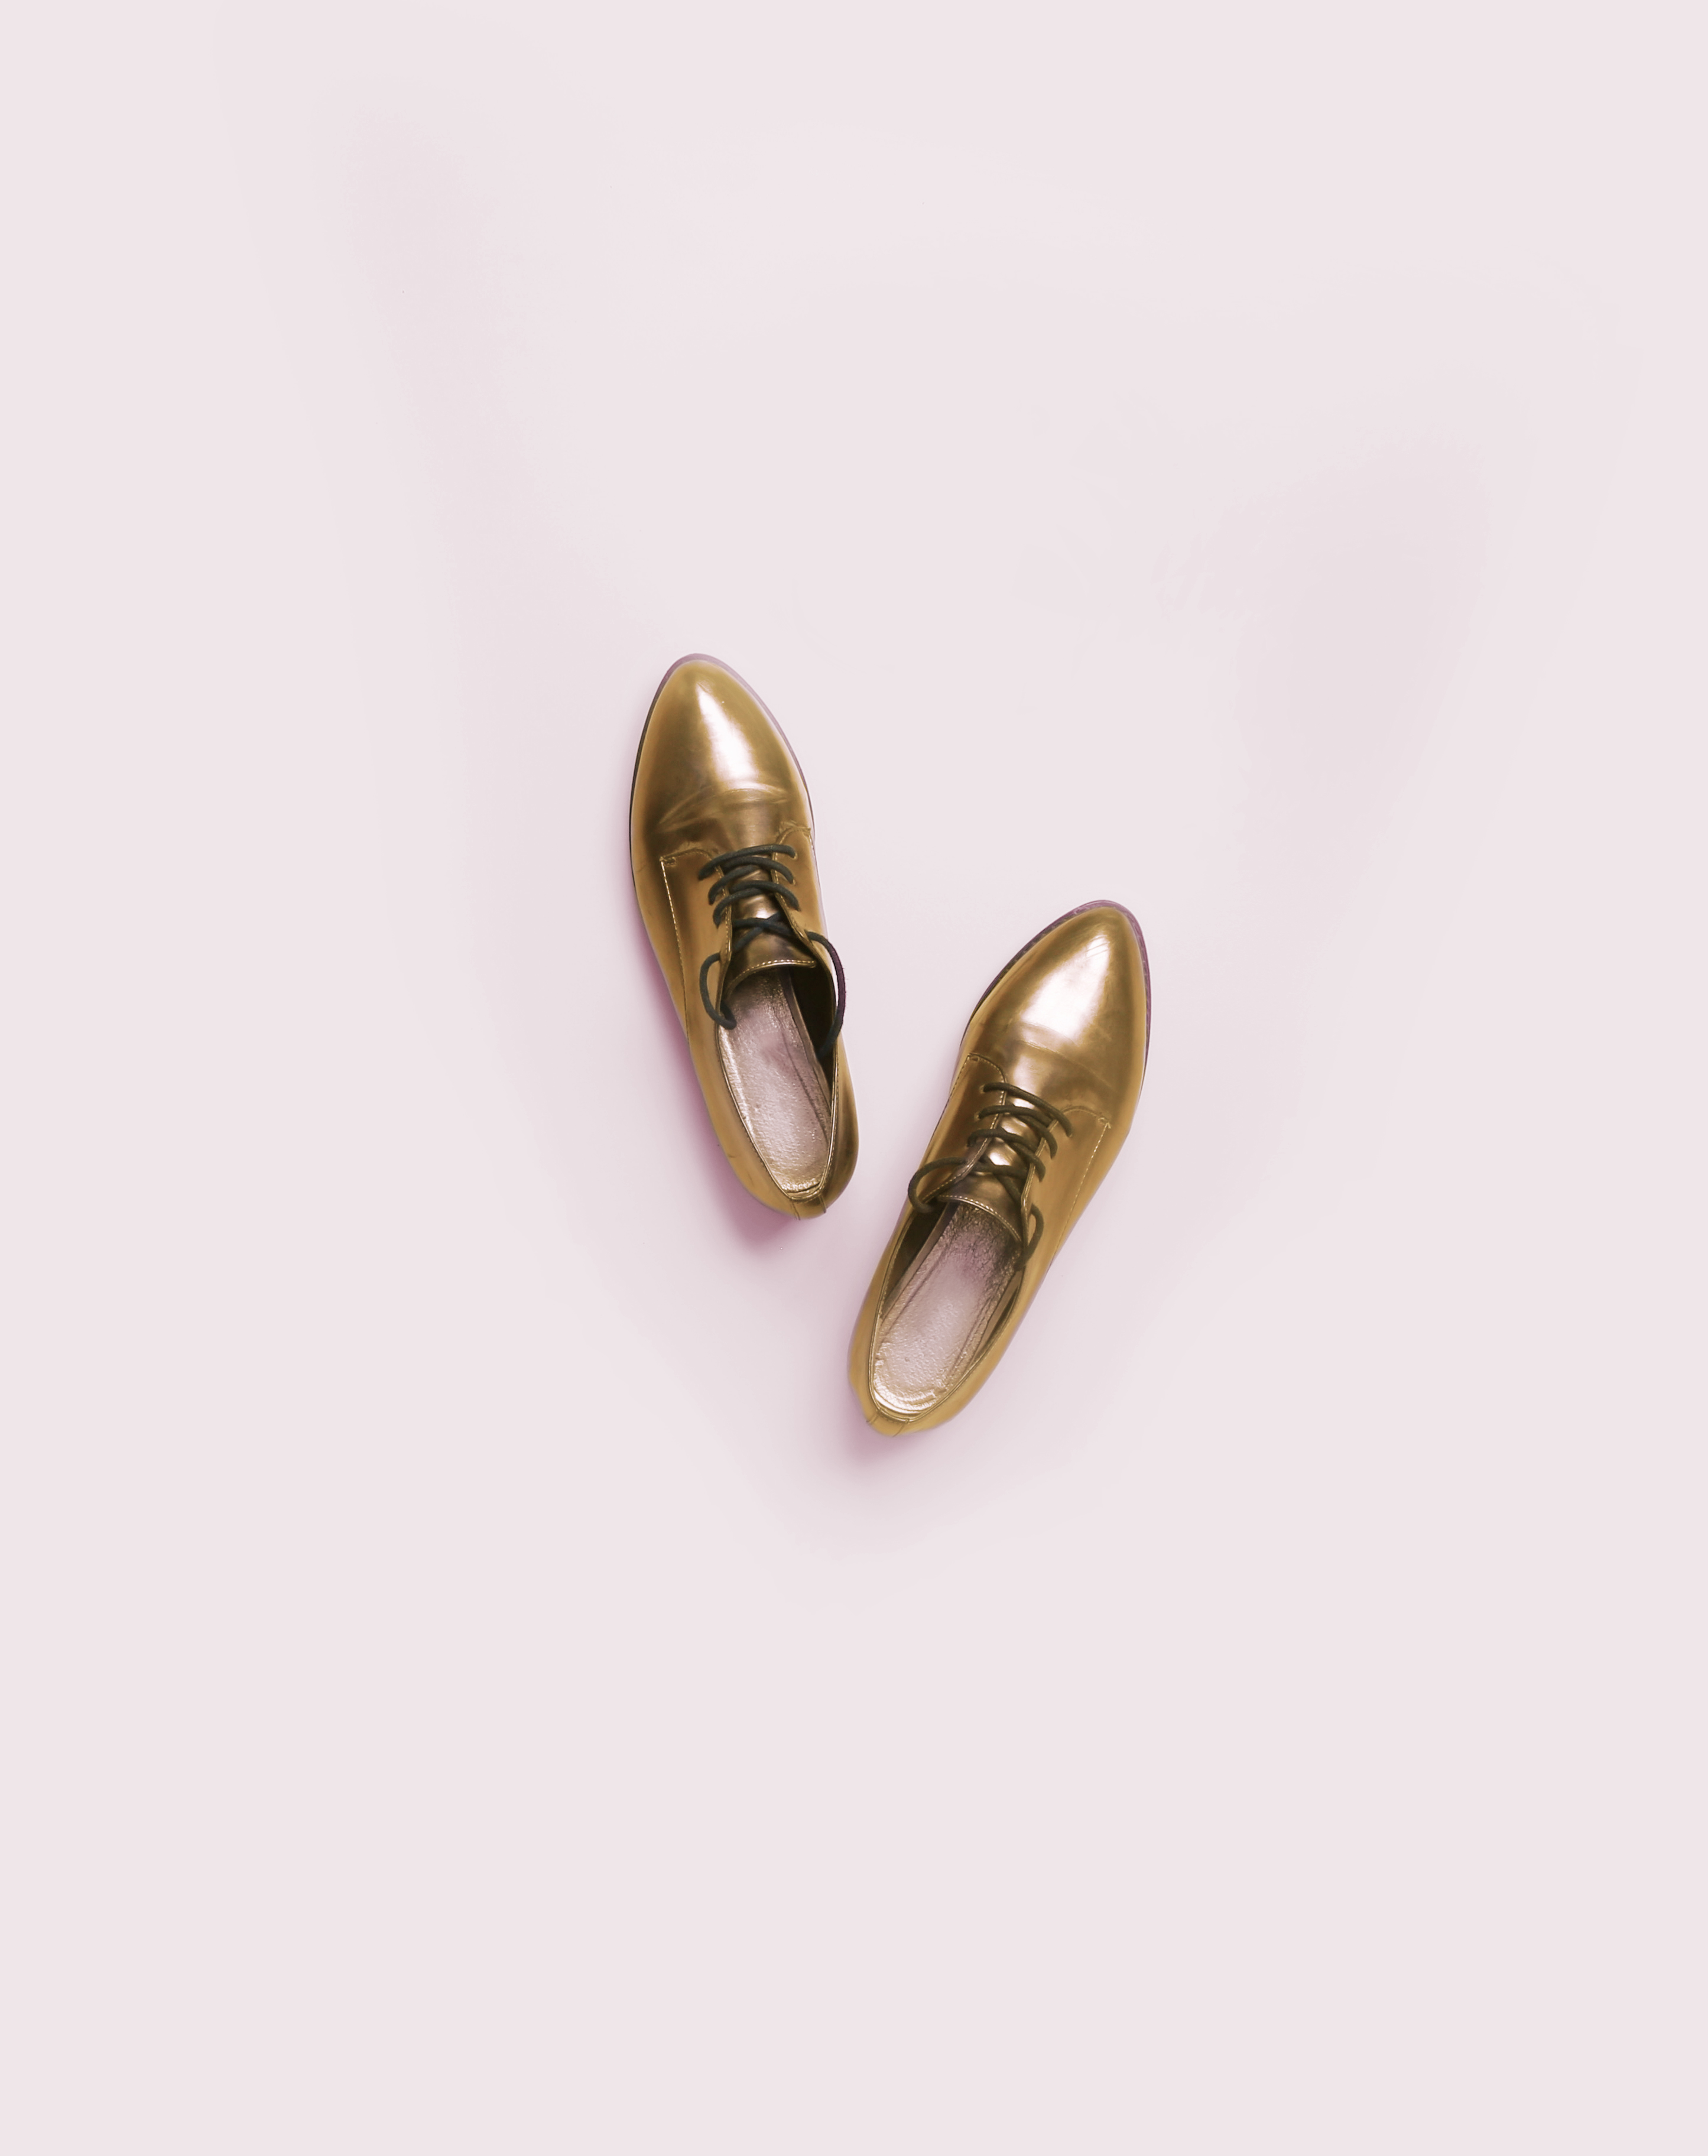 Chaussures en or